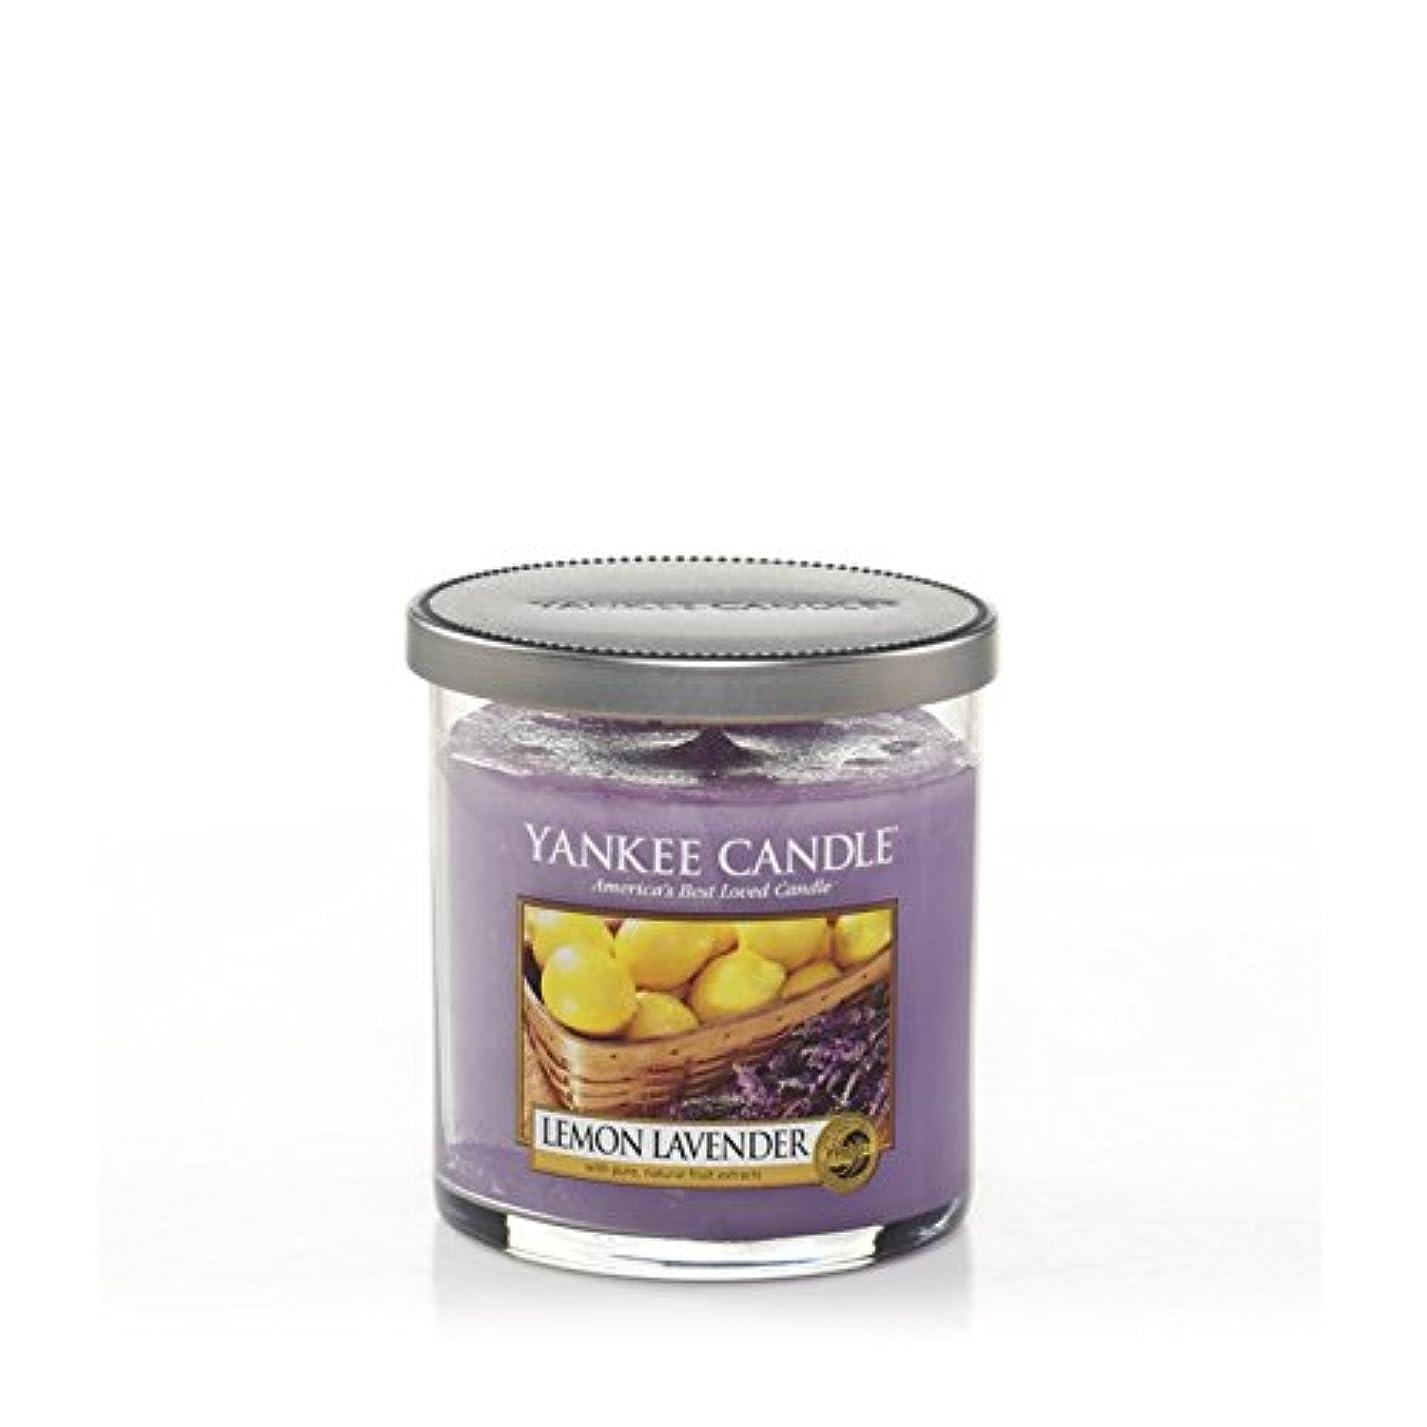 放置セーター敵Yankee Candles Small Pillar Candle - Lemon Lavender (Pack of 2) - ヤンキーキャンドルの小さな柱キャンドル - レモンラベンダー (x2) [並行輸入品]